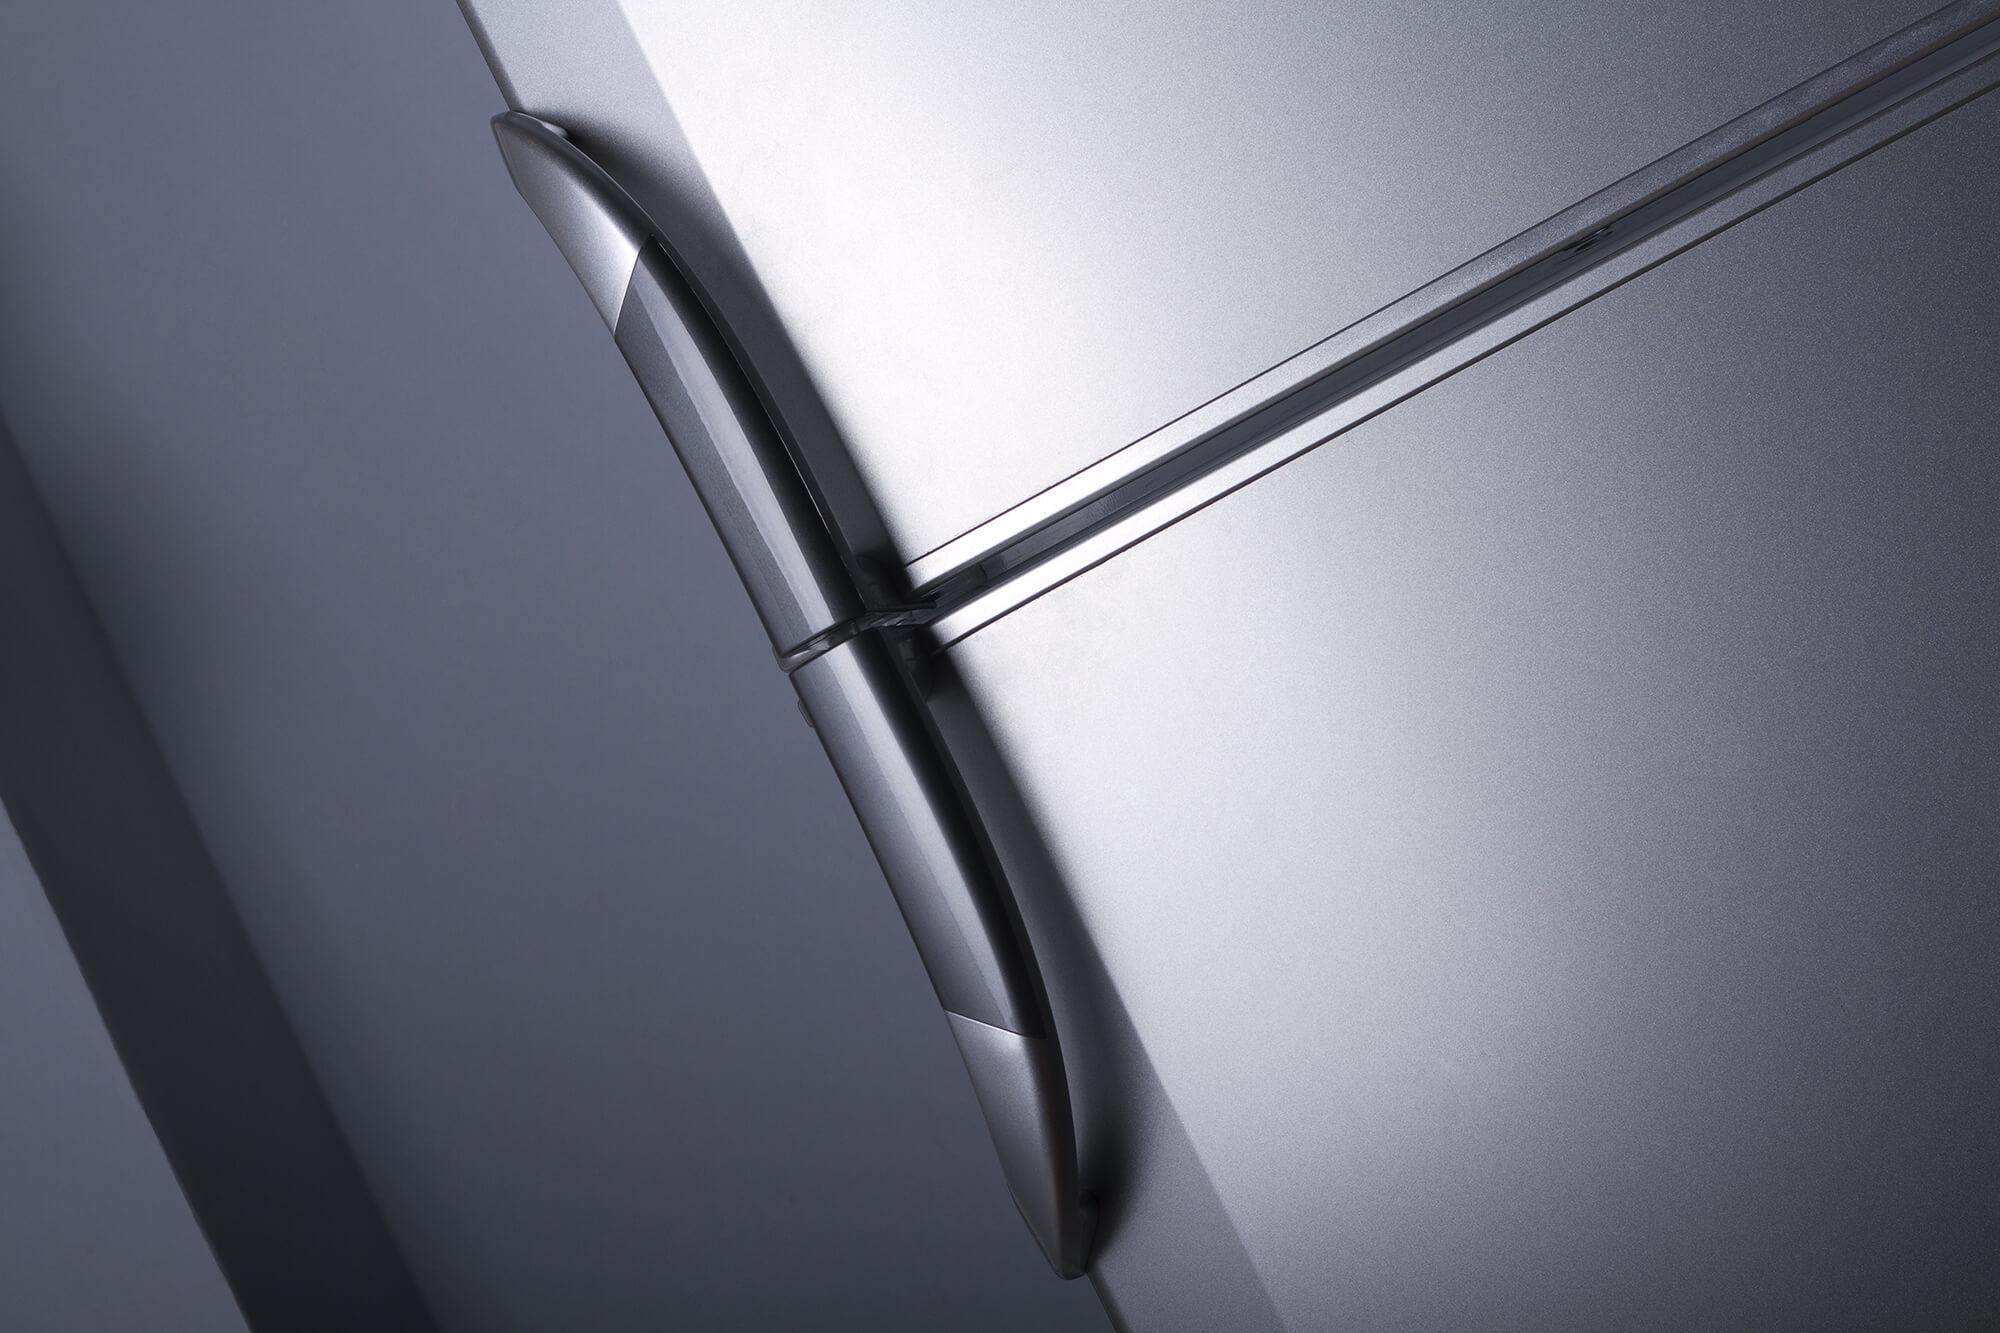 WEMO productielijnen voor koelkastdeuren